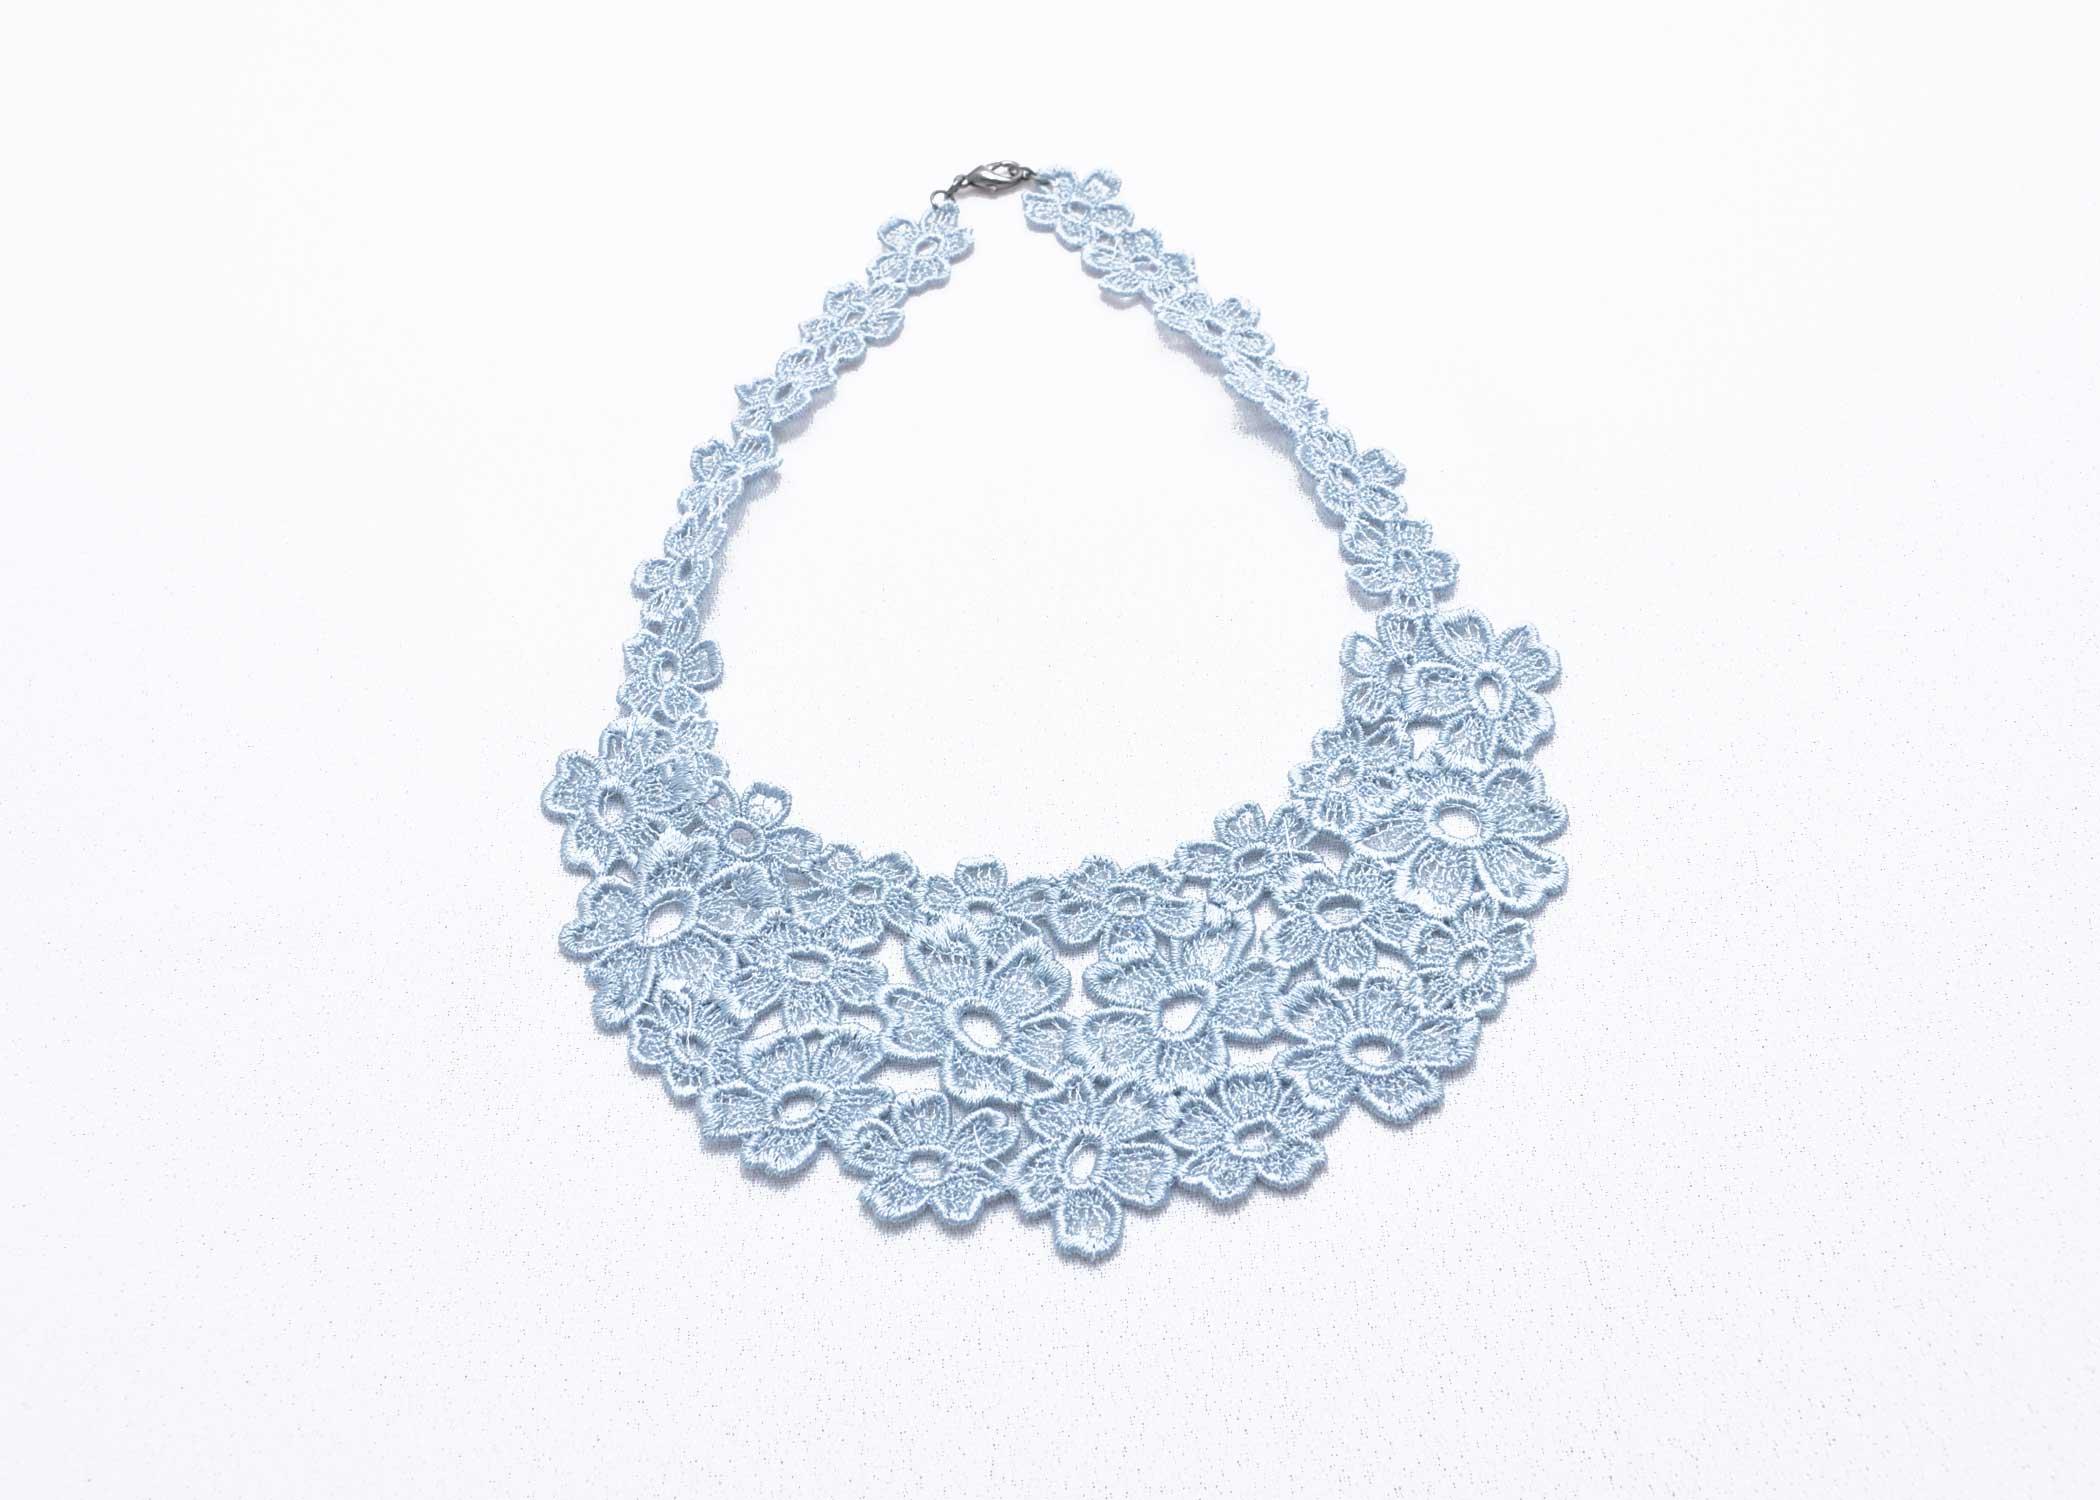 Daisy Necklace, £45